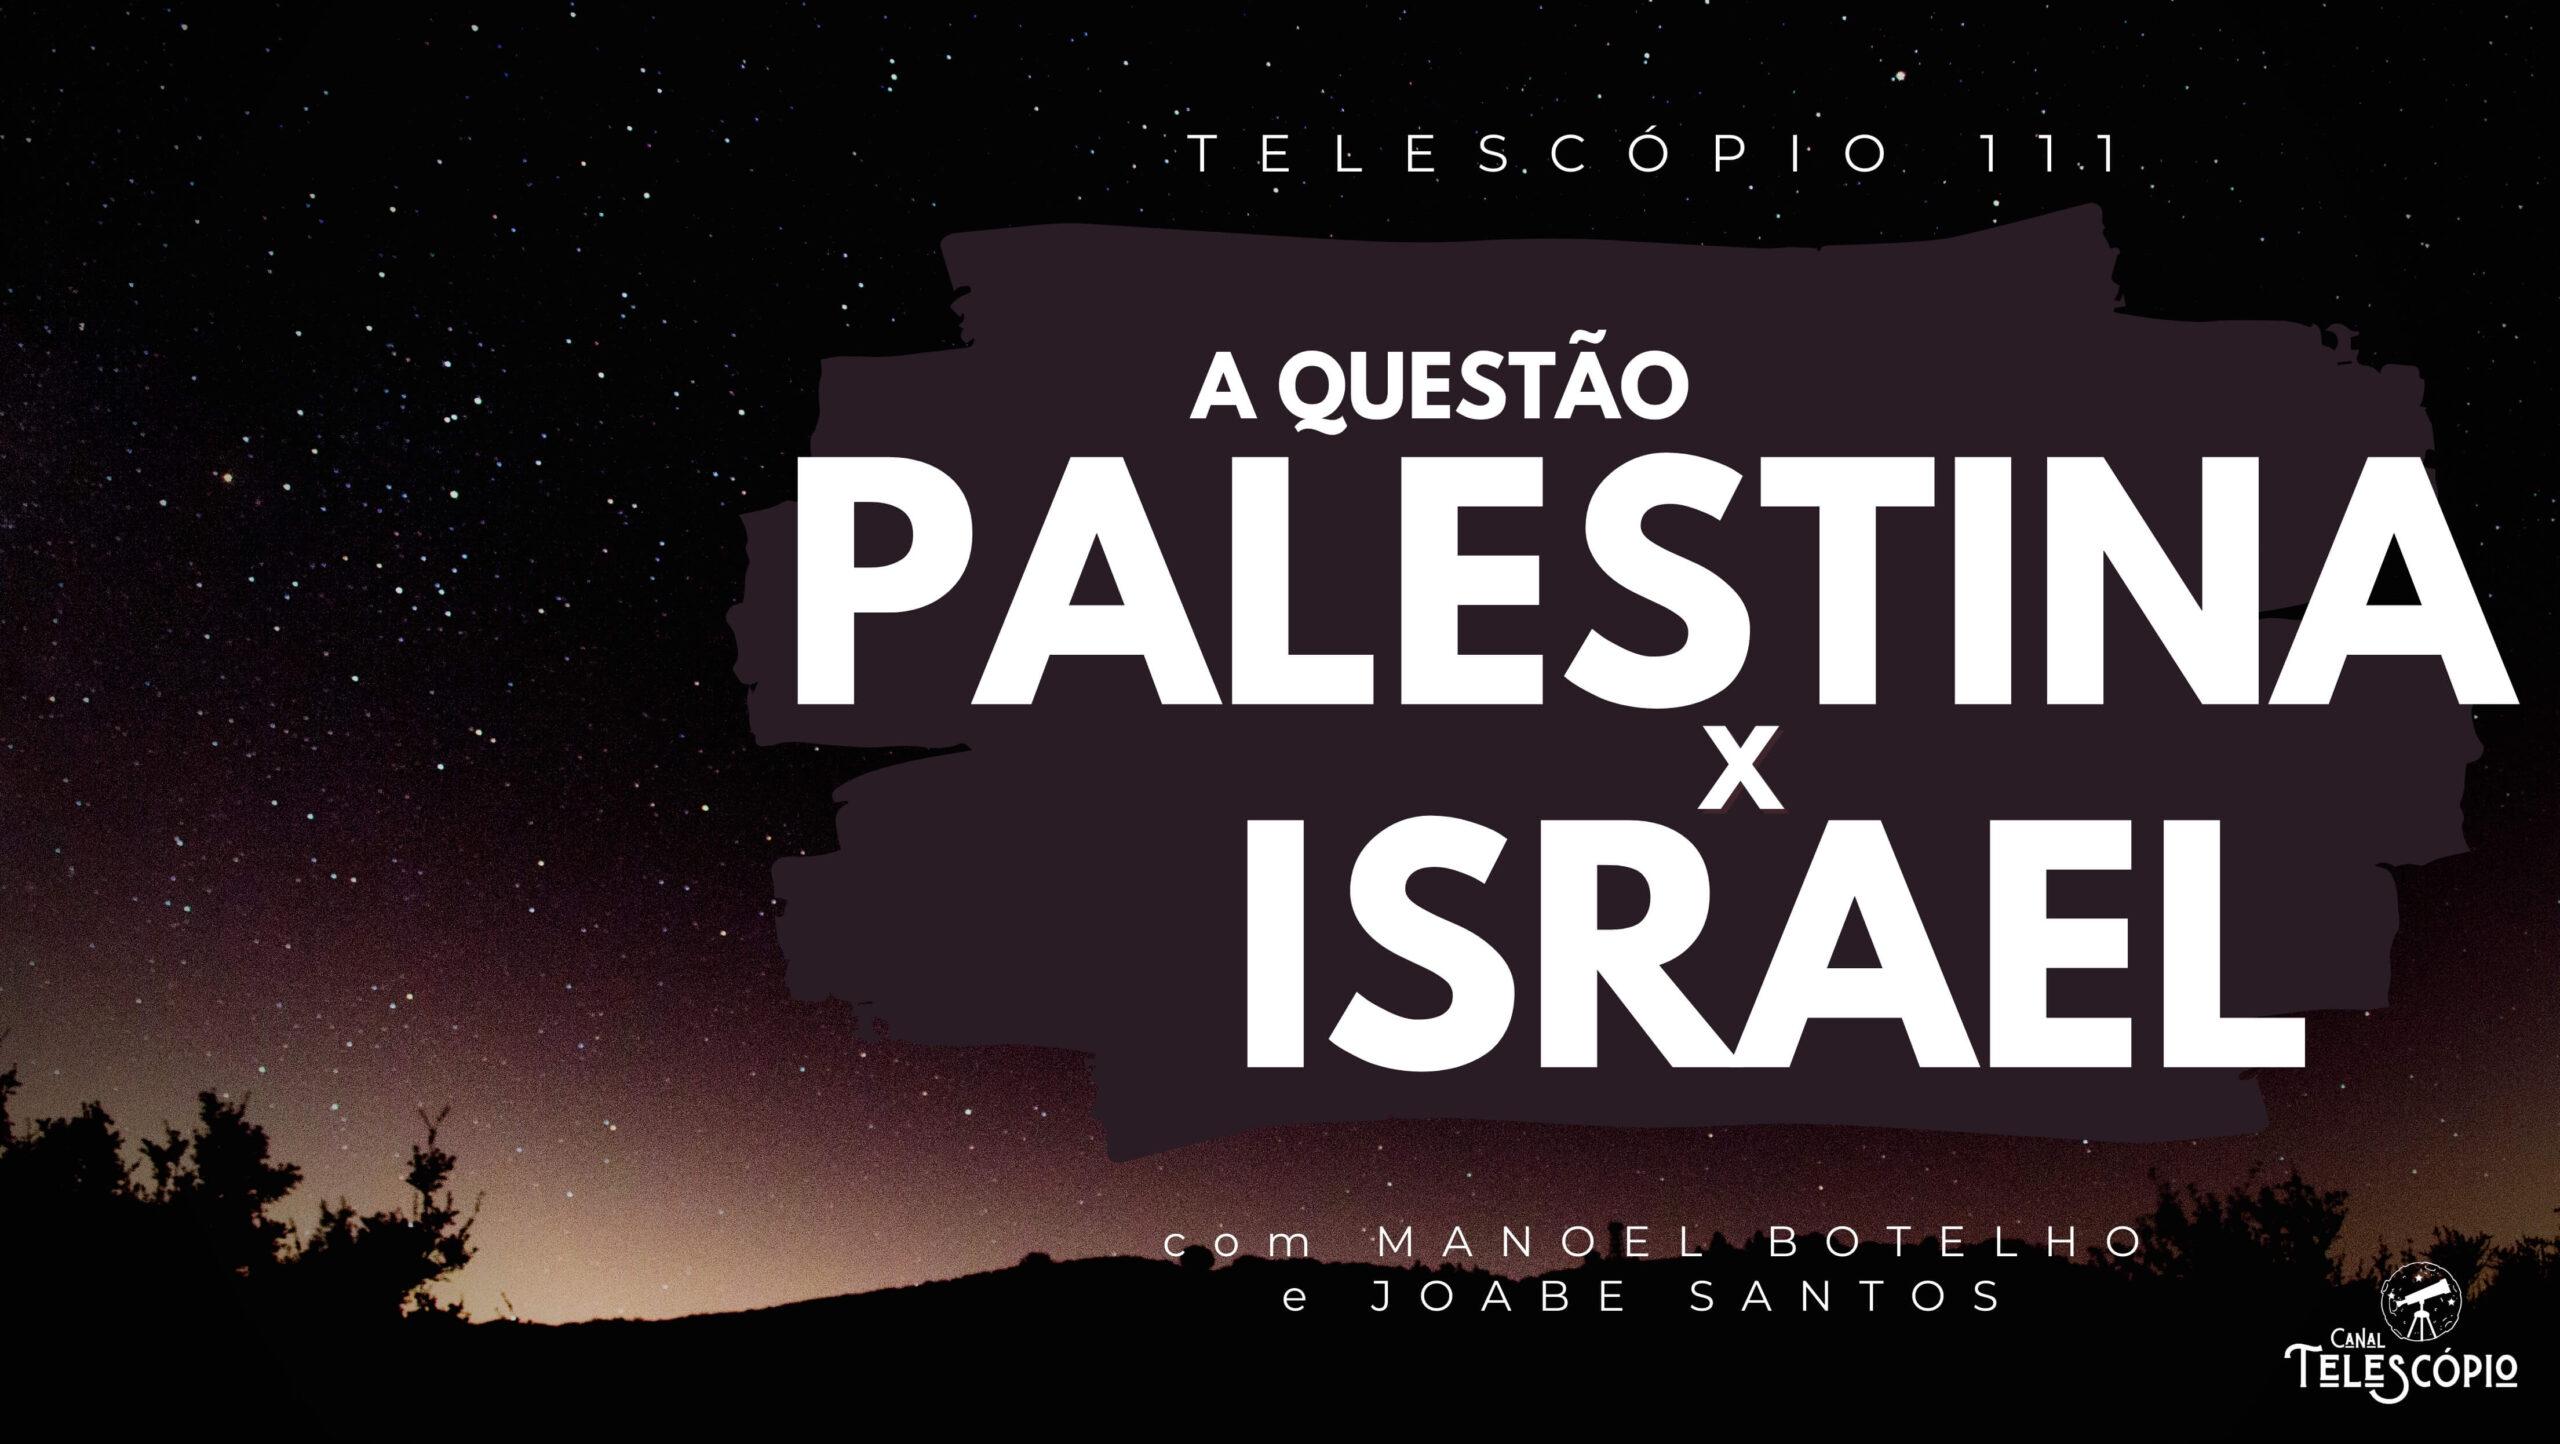 """Imagem de fundo com céu estrelado em um ambiente desértico. Na frente, letreiro com o título do programa: """"A Questão Palestina x Israel - com Manoel Botelho e Joabe Santos""""."""